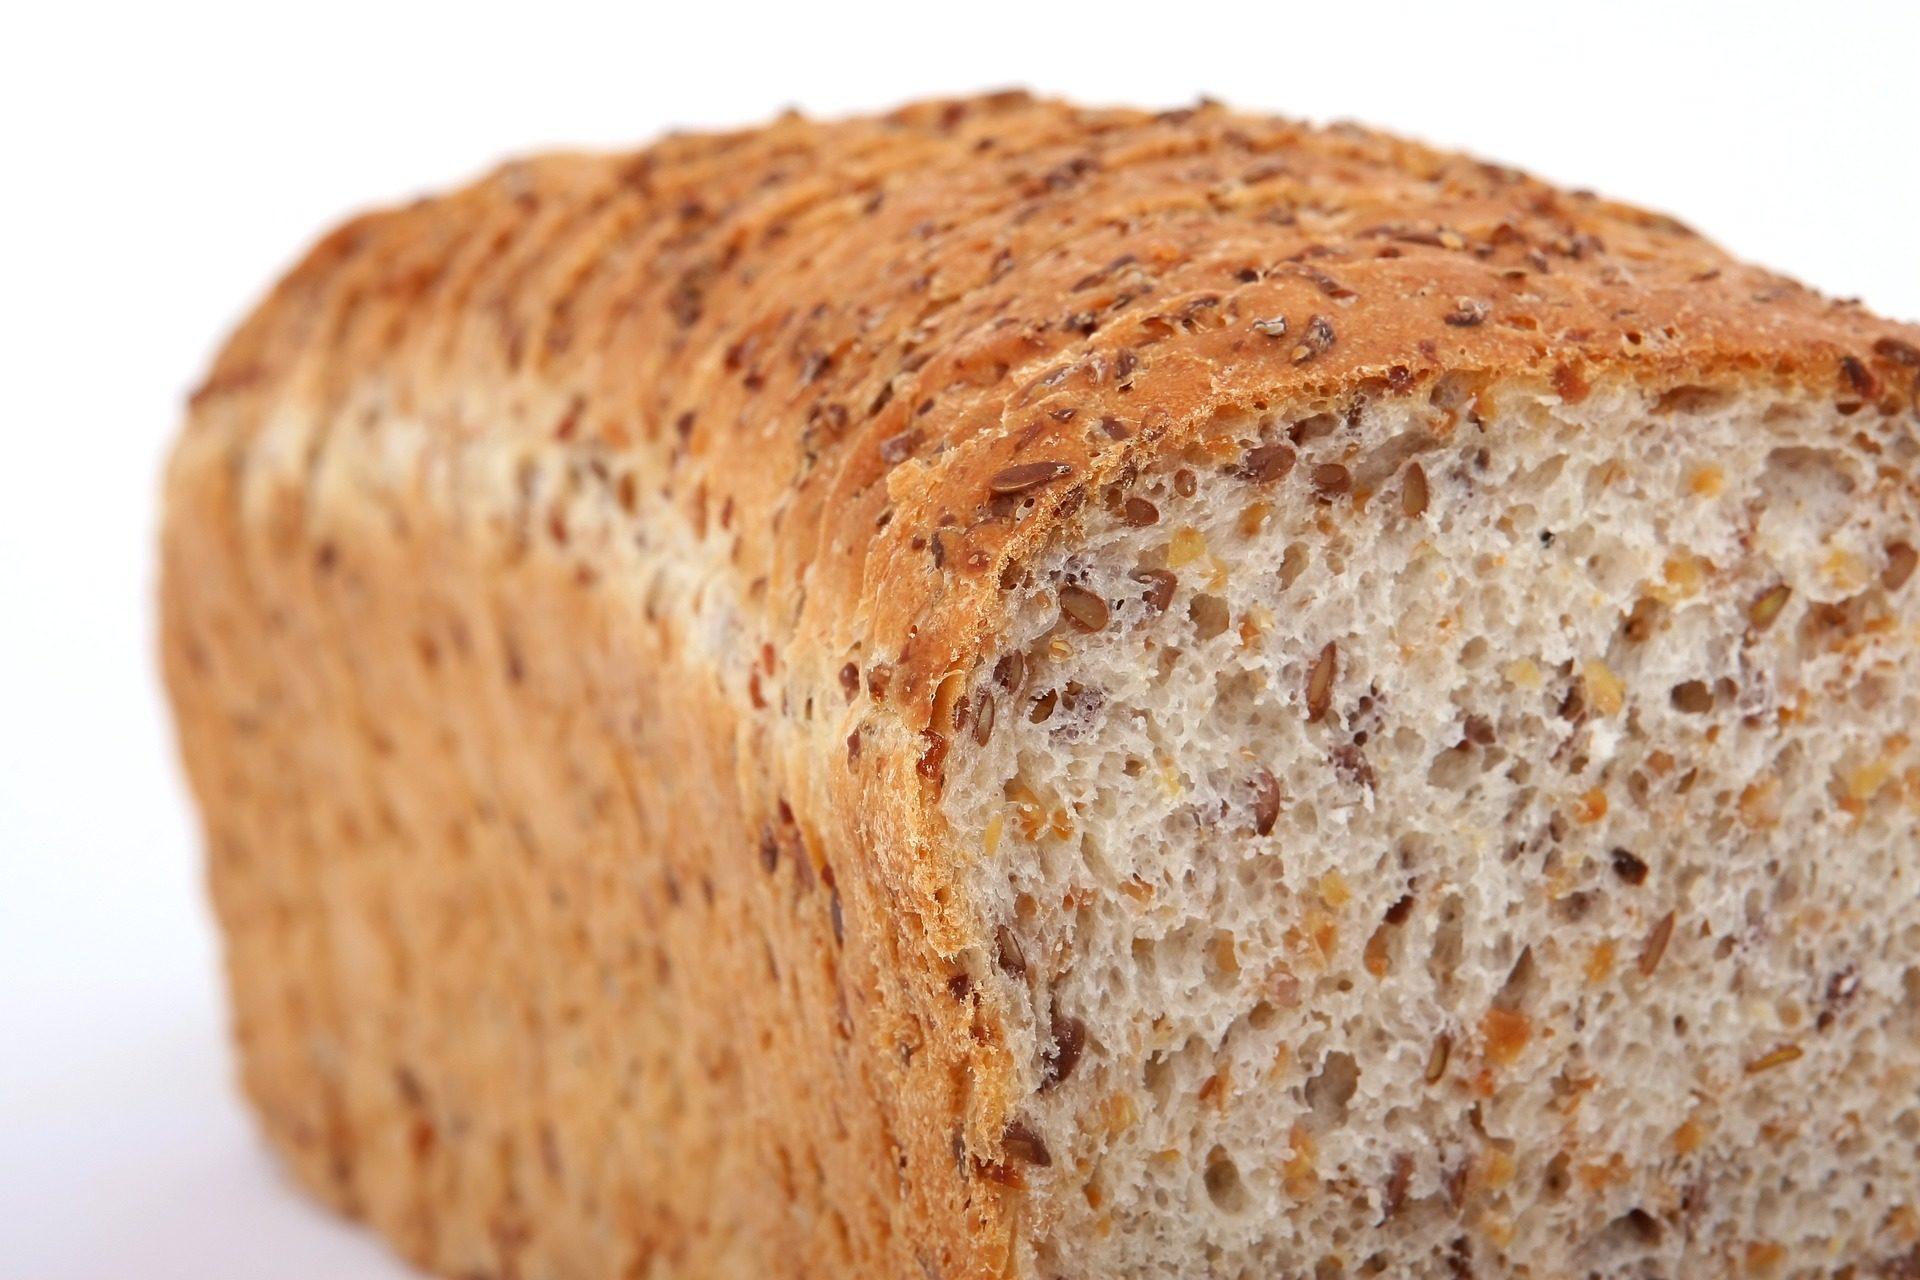 面包, 谷物, 早餐, 饮食, 纤维, 开胃菜 - 高清壁纸 - 教授-falken.com